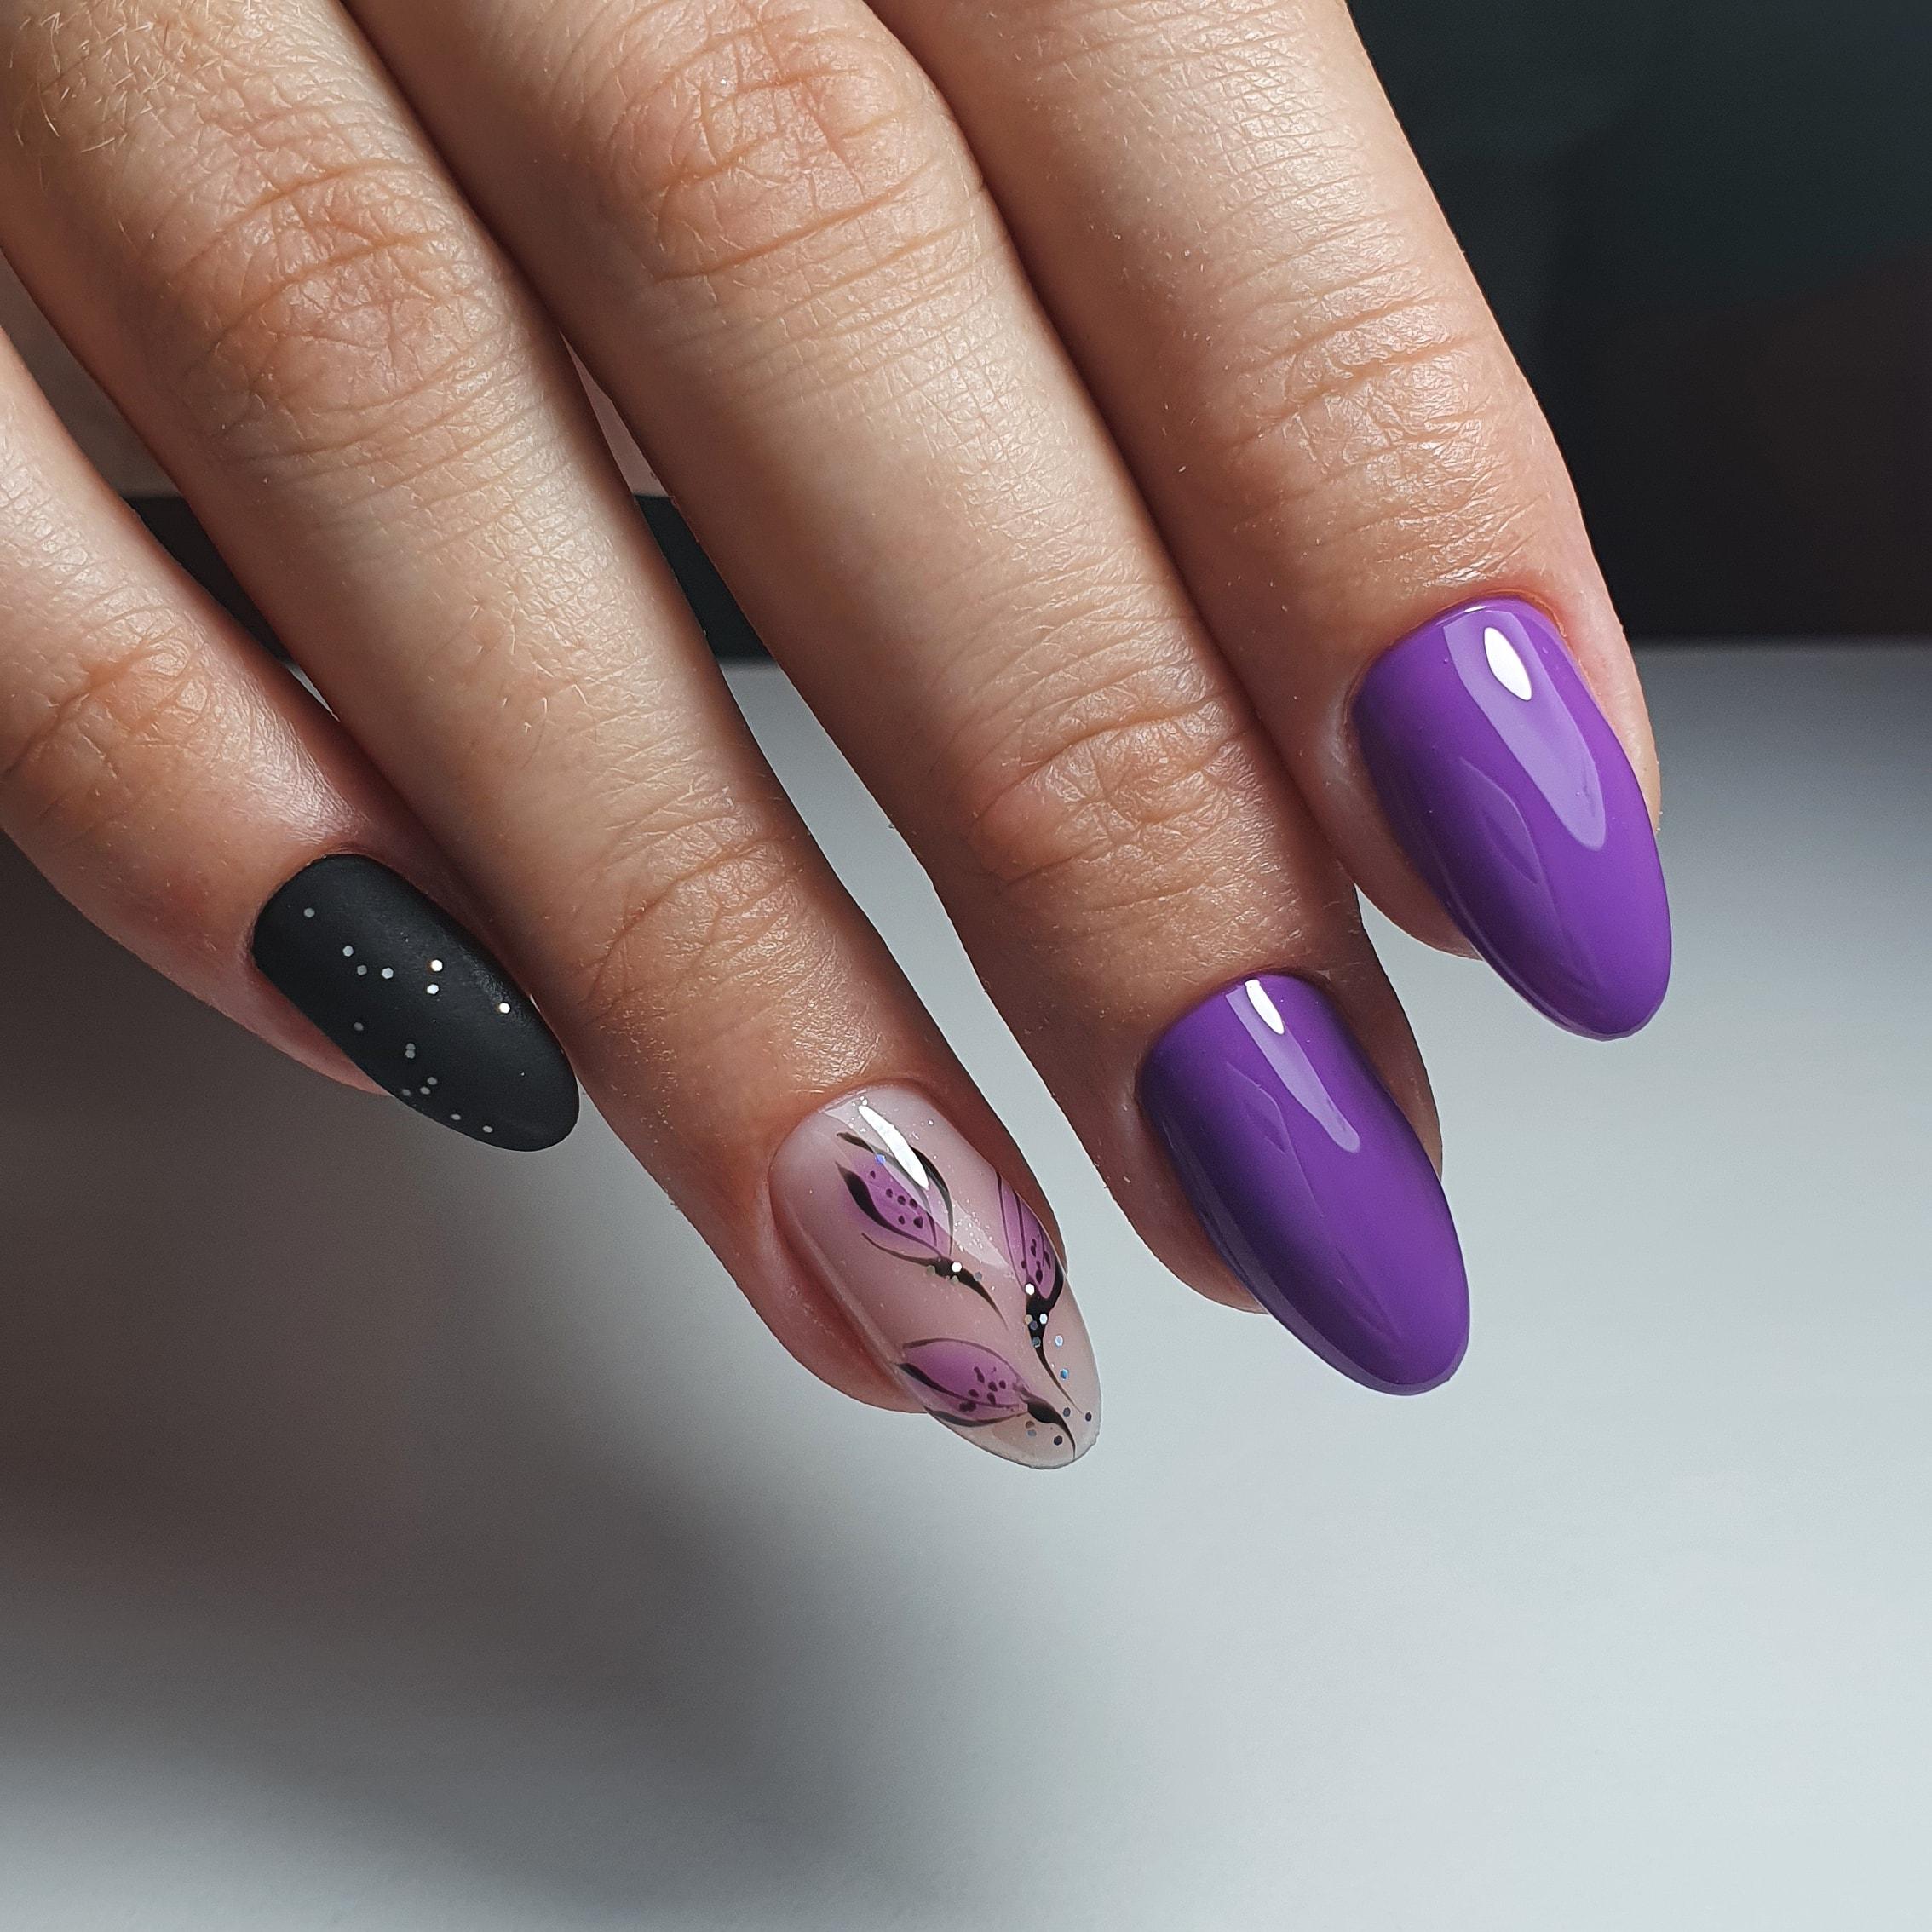 Маникюр с растительным рисунком и матовым дизайном в фиолетовом цвете на длинные ногти.